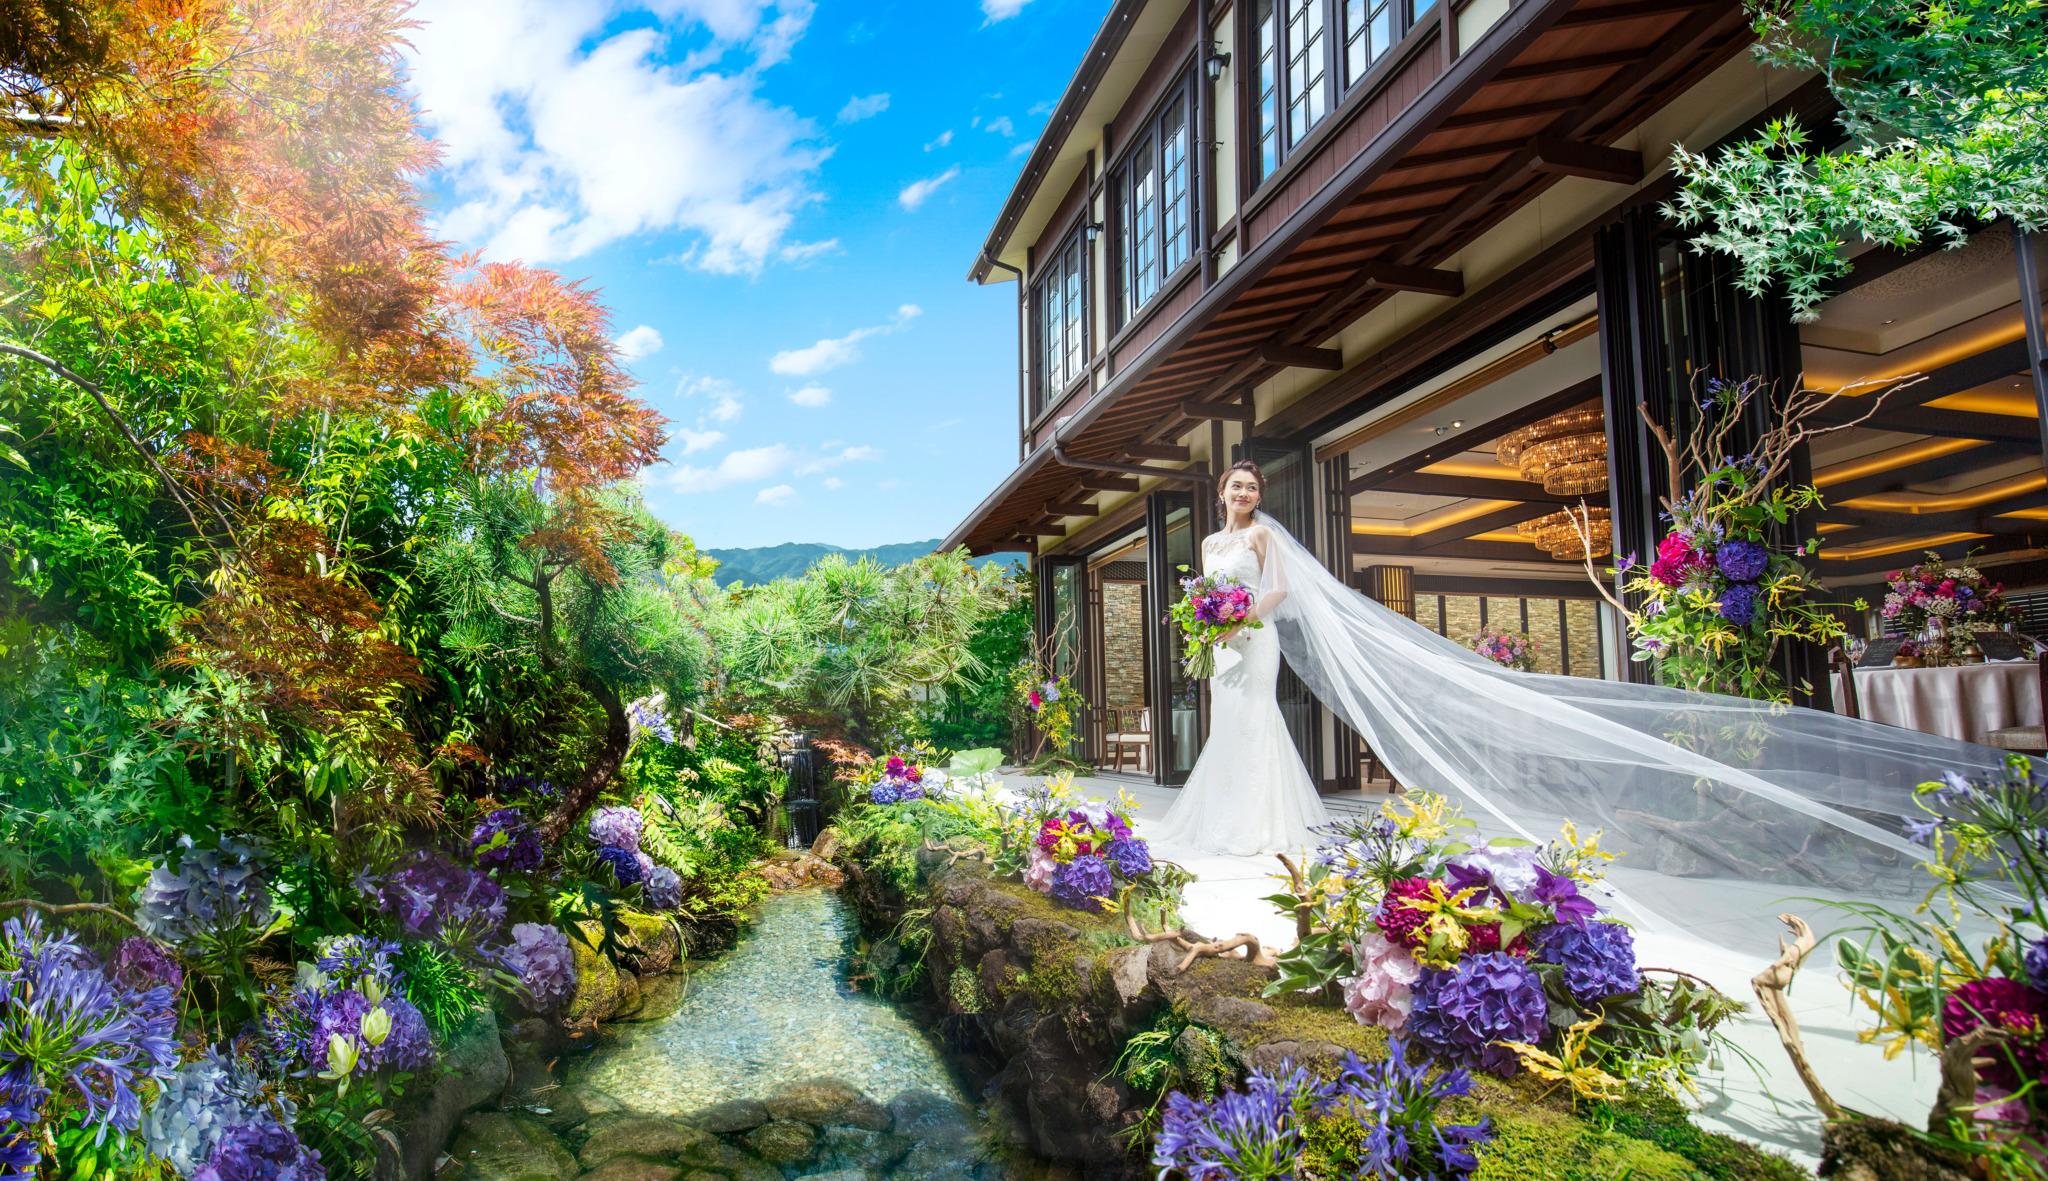 京都らしい伝統と風情につつまれながら 美食とおふたりらしい演出でおもてなし